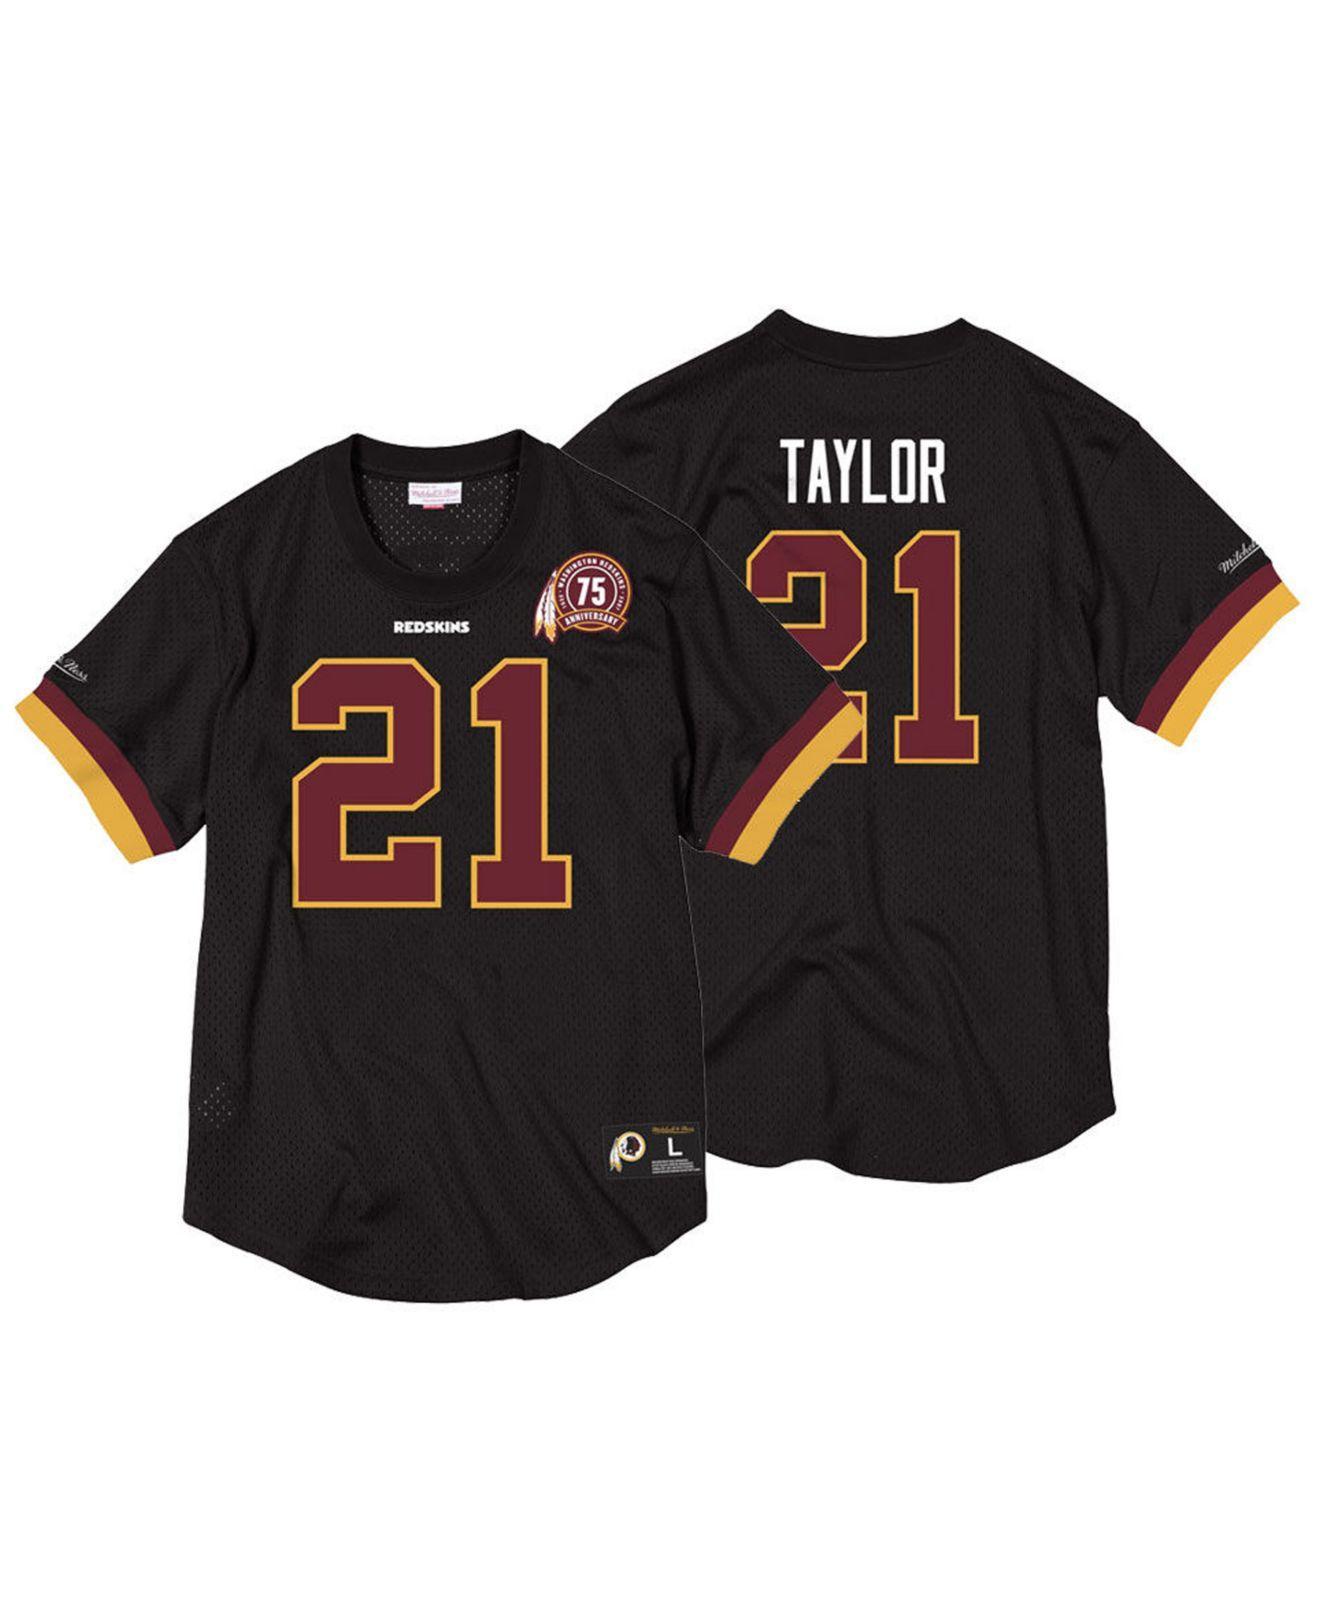 Sean Taylor Washington Redskins Name & Number Mesh Crewneck Top